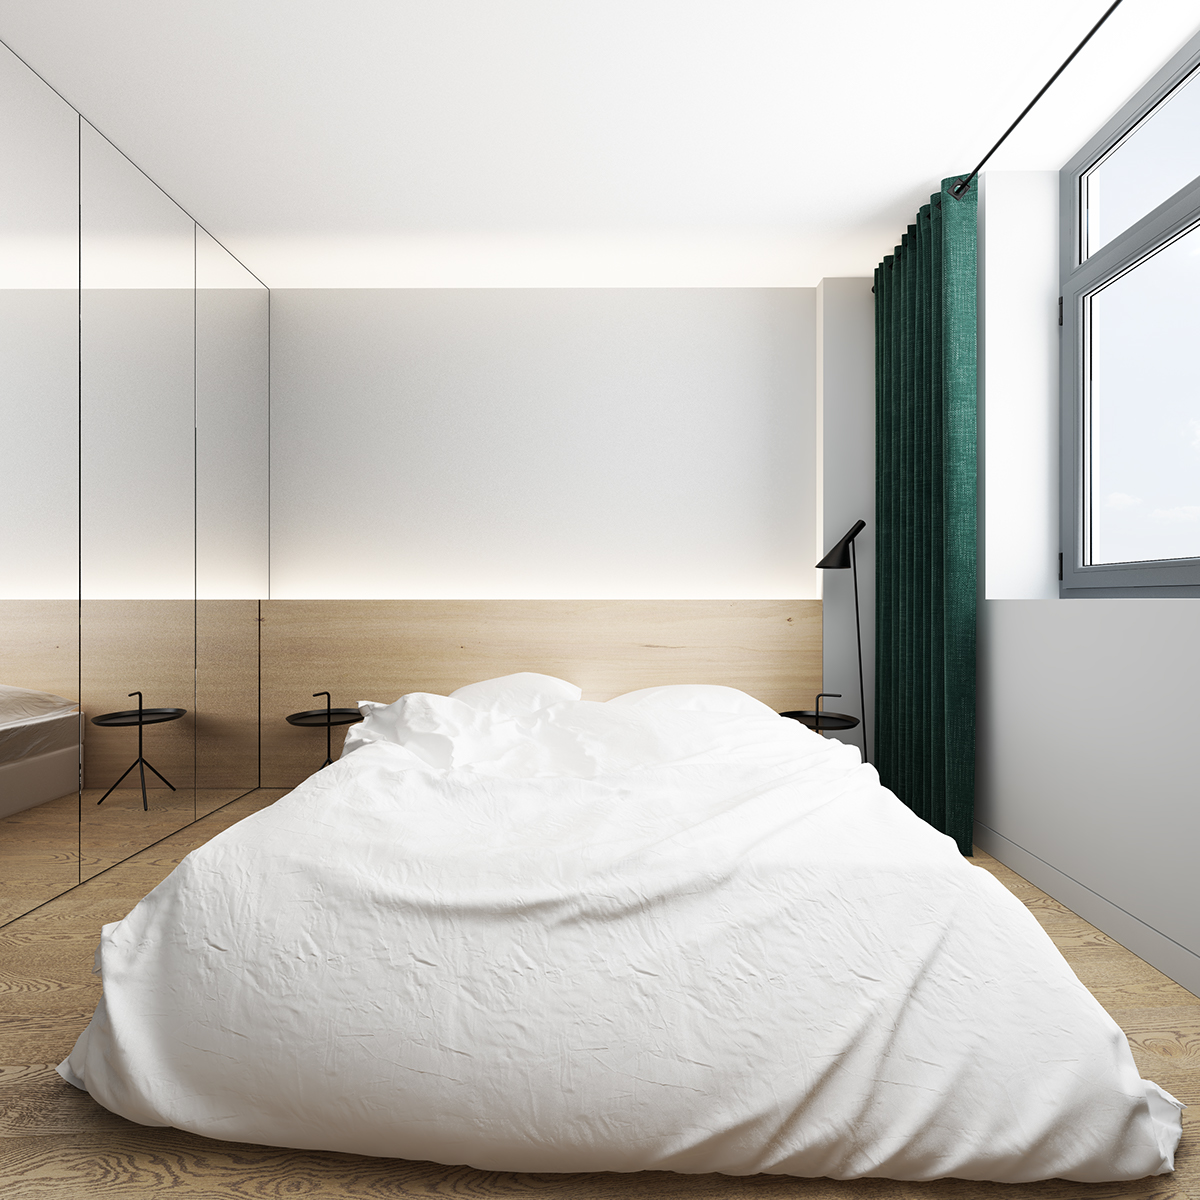 Slaapkamer met maatwerk inbouwkast met spiegeldeuren